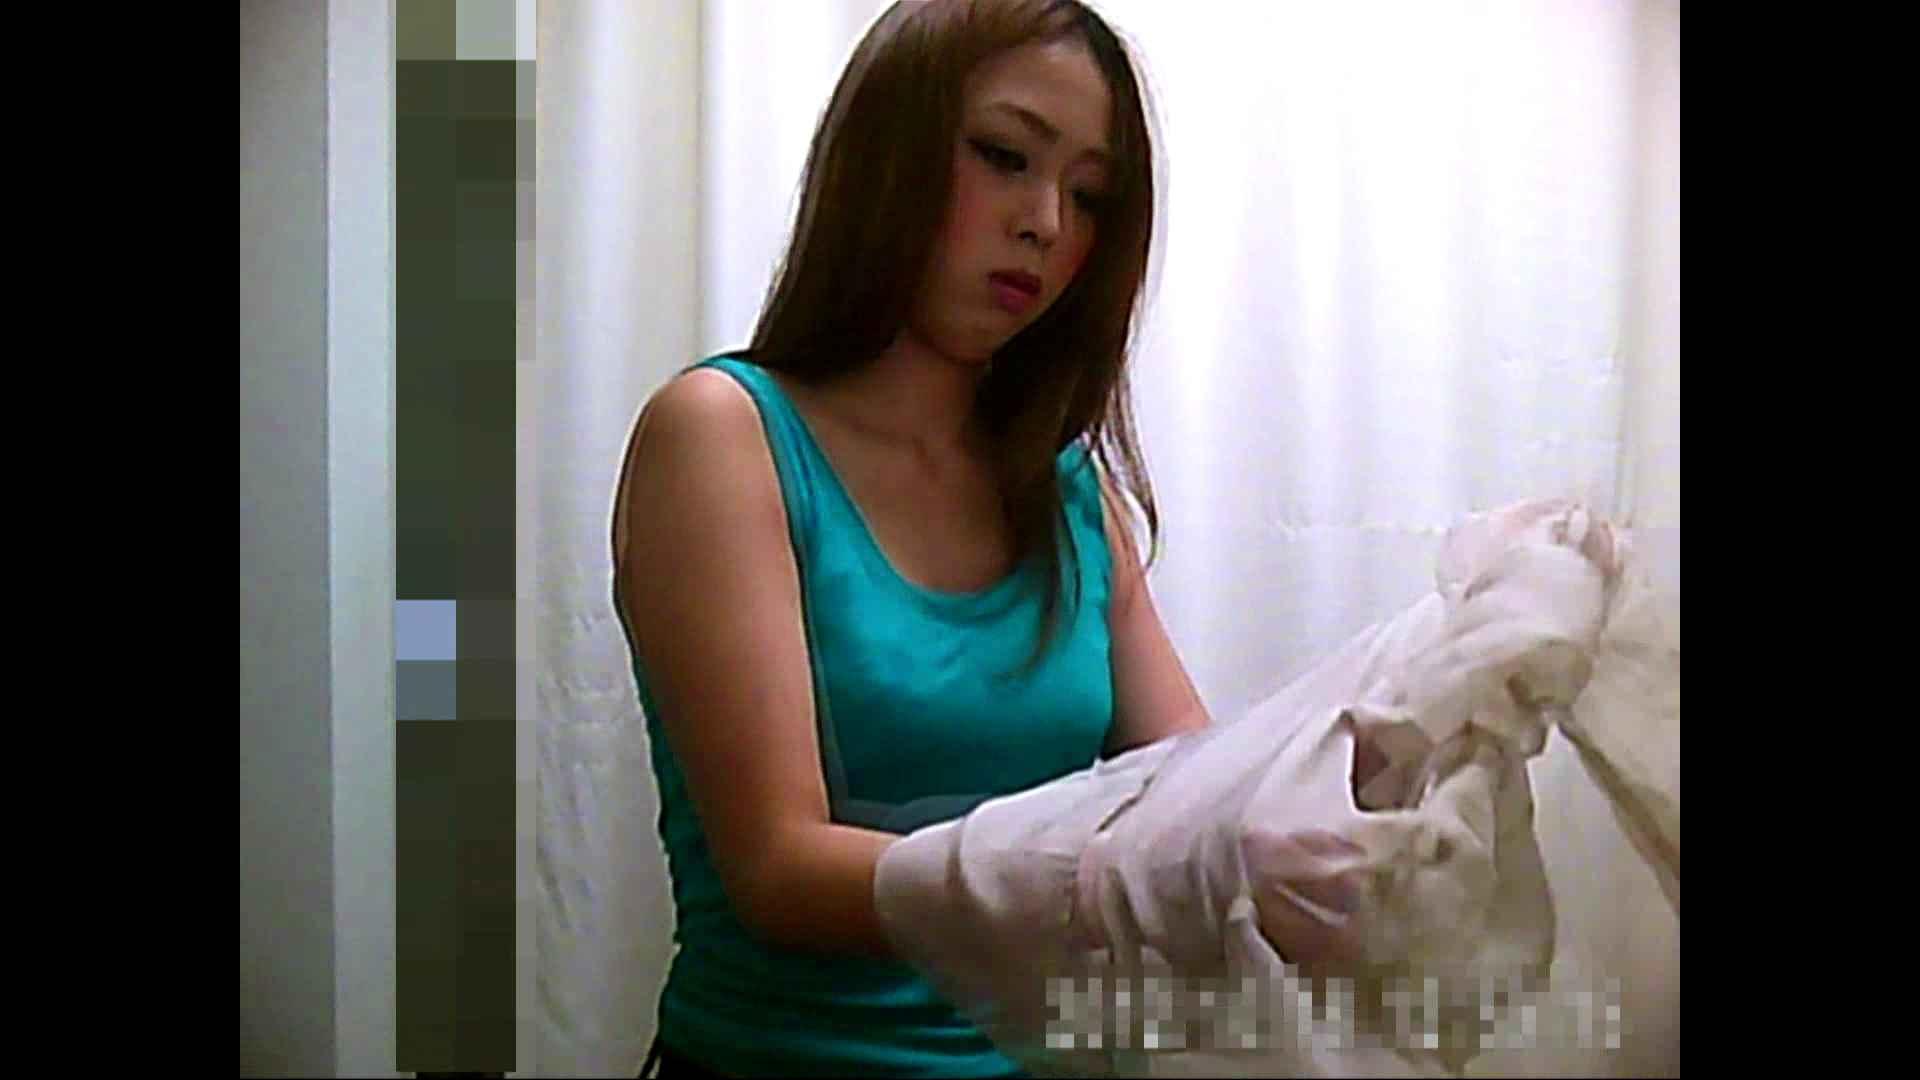 元医者による反抗 更衣室地獄絵巻 vol.053 お姉さん攻略 おめこ無修正動画無料 107画像 14